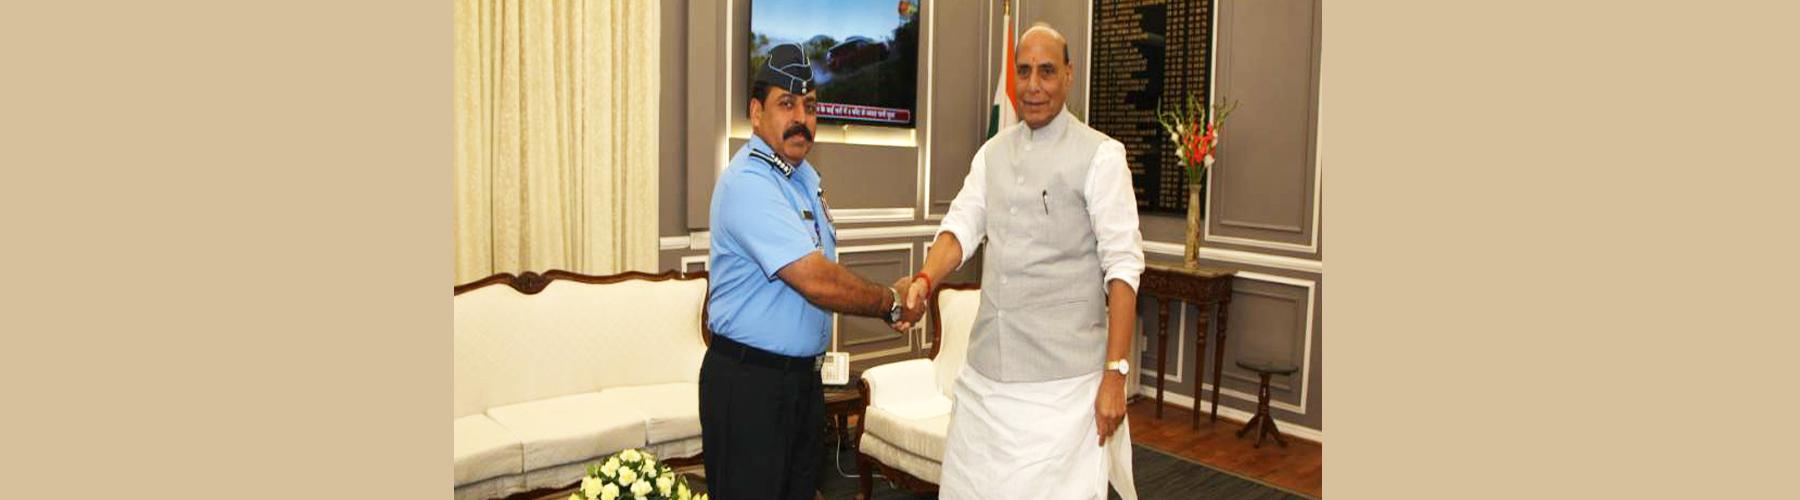 वायु सेना प्रमुख का कार्यभार संभालने के पश्चात एयर चीफ मार्शल राकेश कुमार सिंह भदौरिया 30 सितंबर 2019 को नई दिल्ली में रक्षा मंत्री श्री राजनाथ सिंह से भेंट करते हुए।